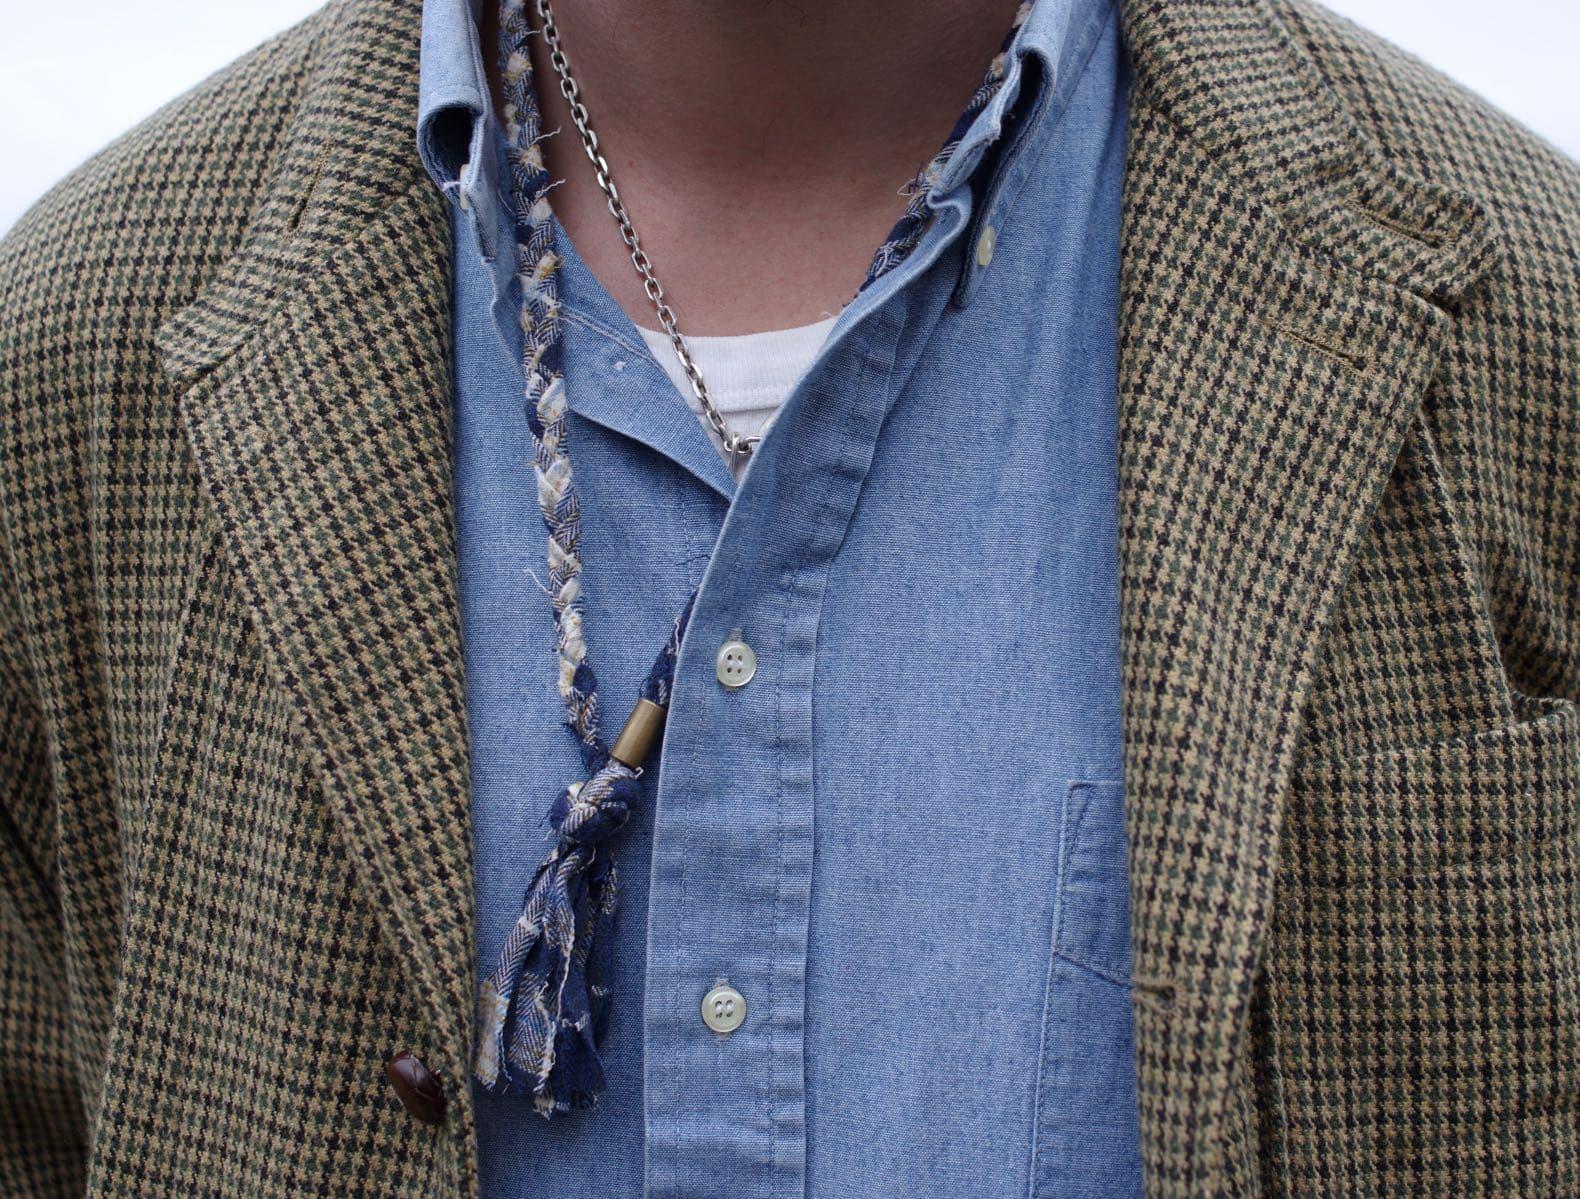 comment assortir une veste motif pied de poule et une chemise en chambray style homme - collier borali